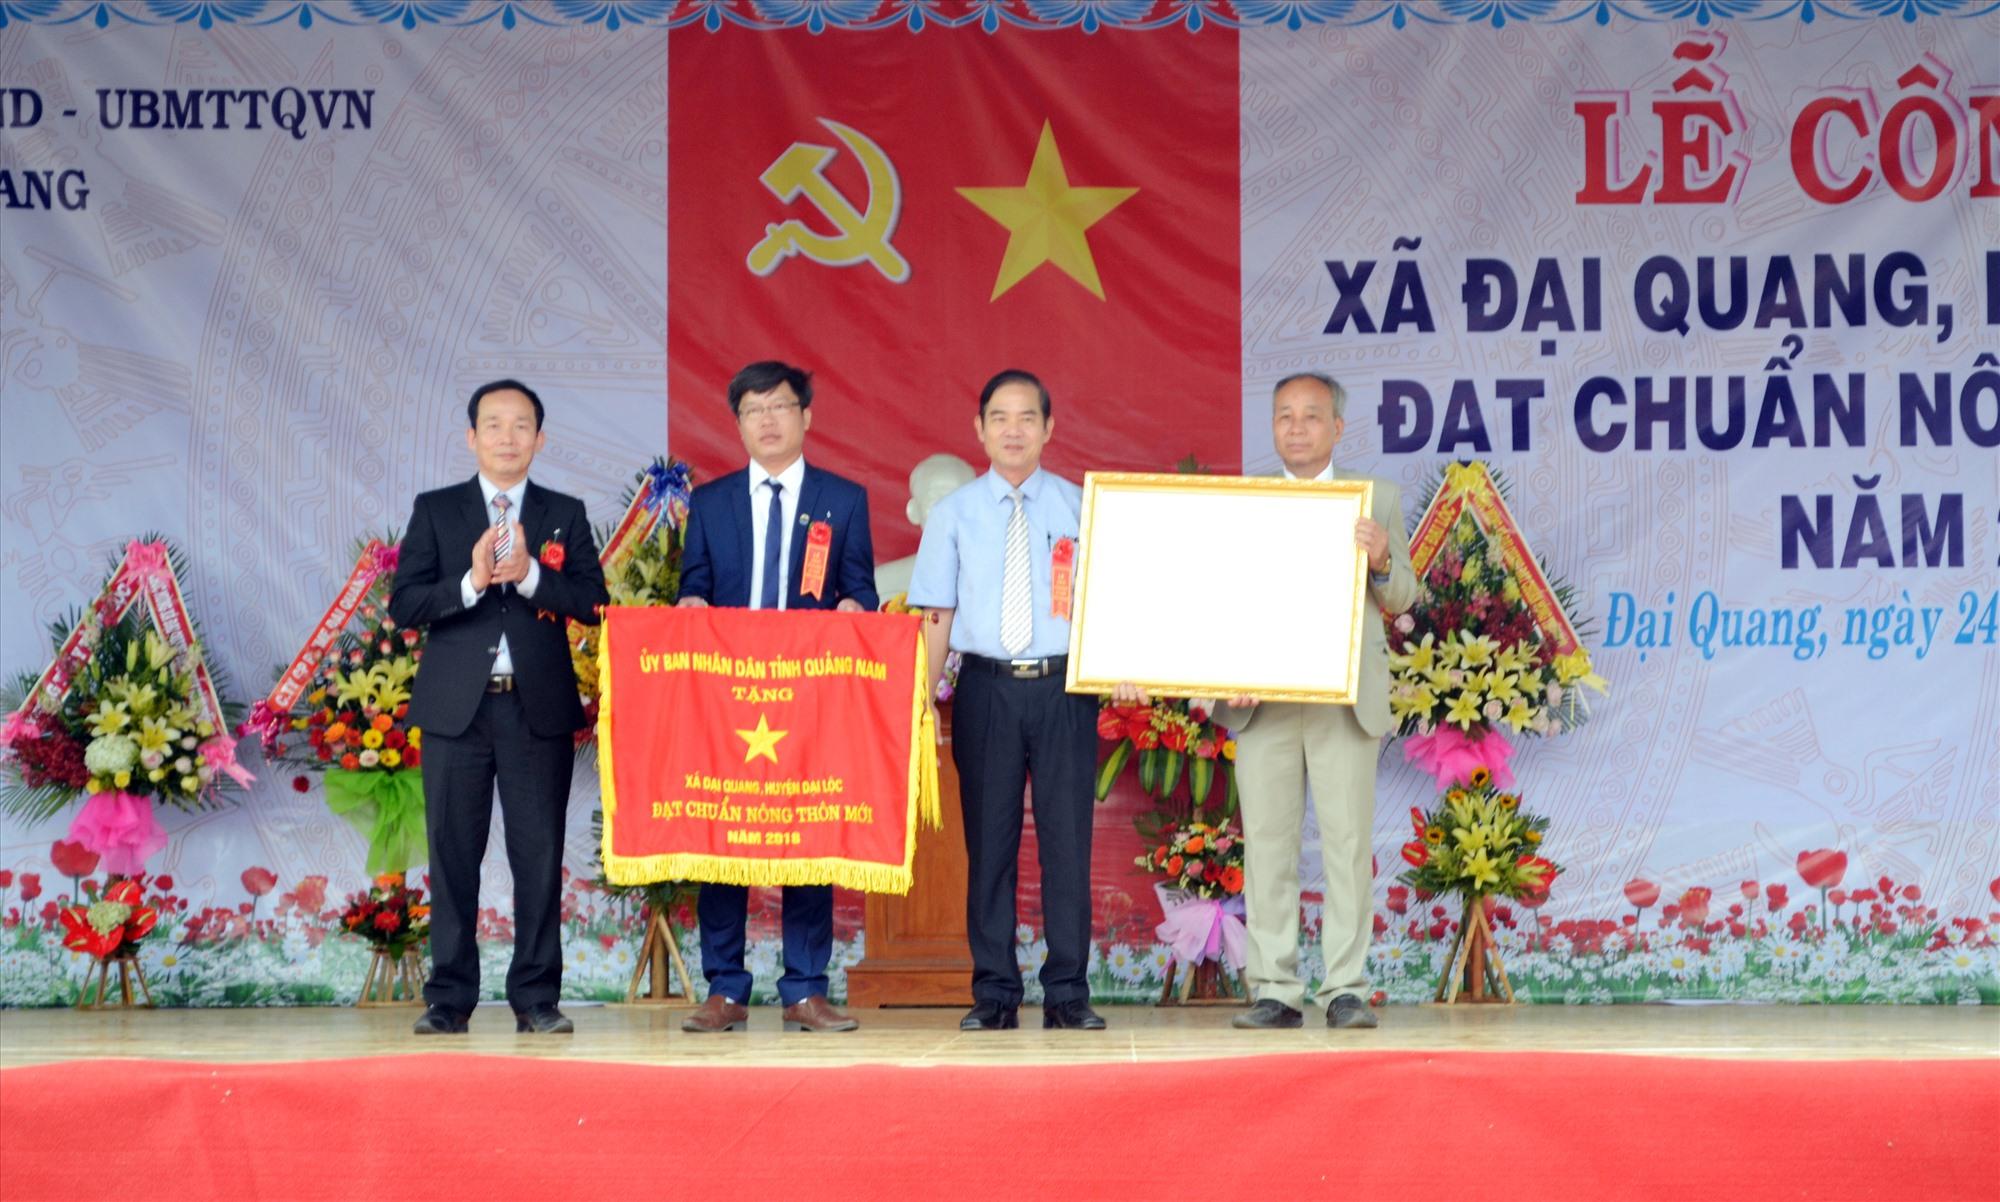 Xã Đại Quang được công nhận đạt chuẩn xã NTM vào năm 2018. Ảnh: C.T